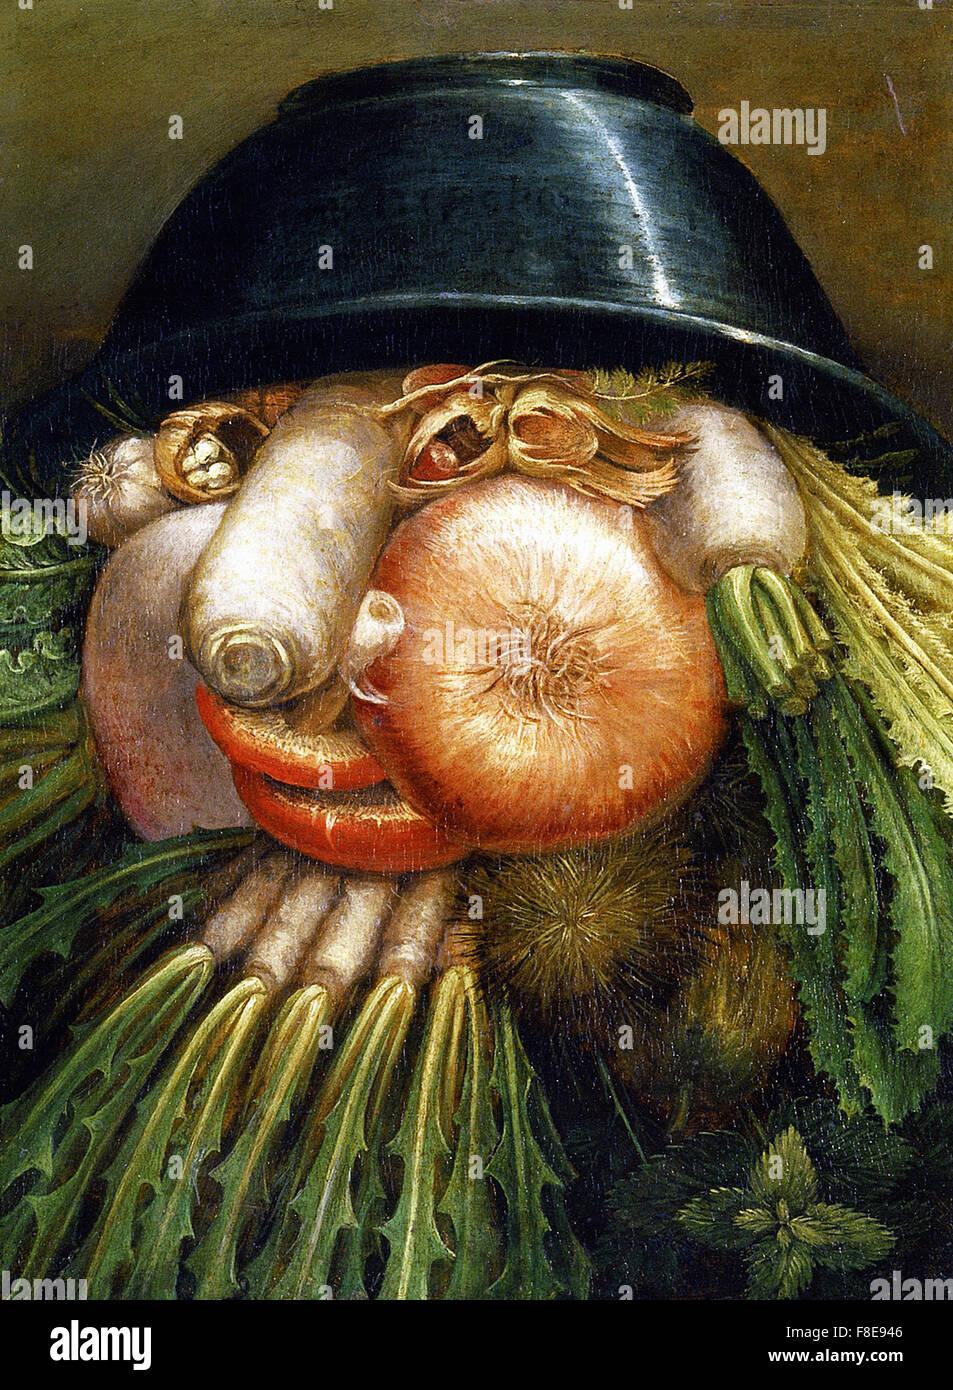 Giuseppe Arcimboldo - The Vegetable Gardener - Stock Image